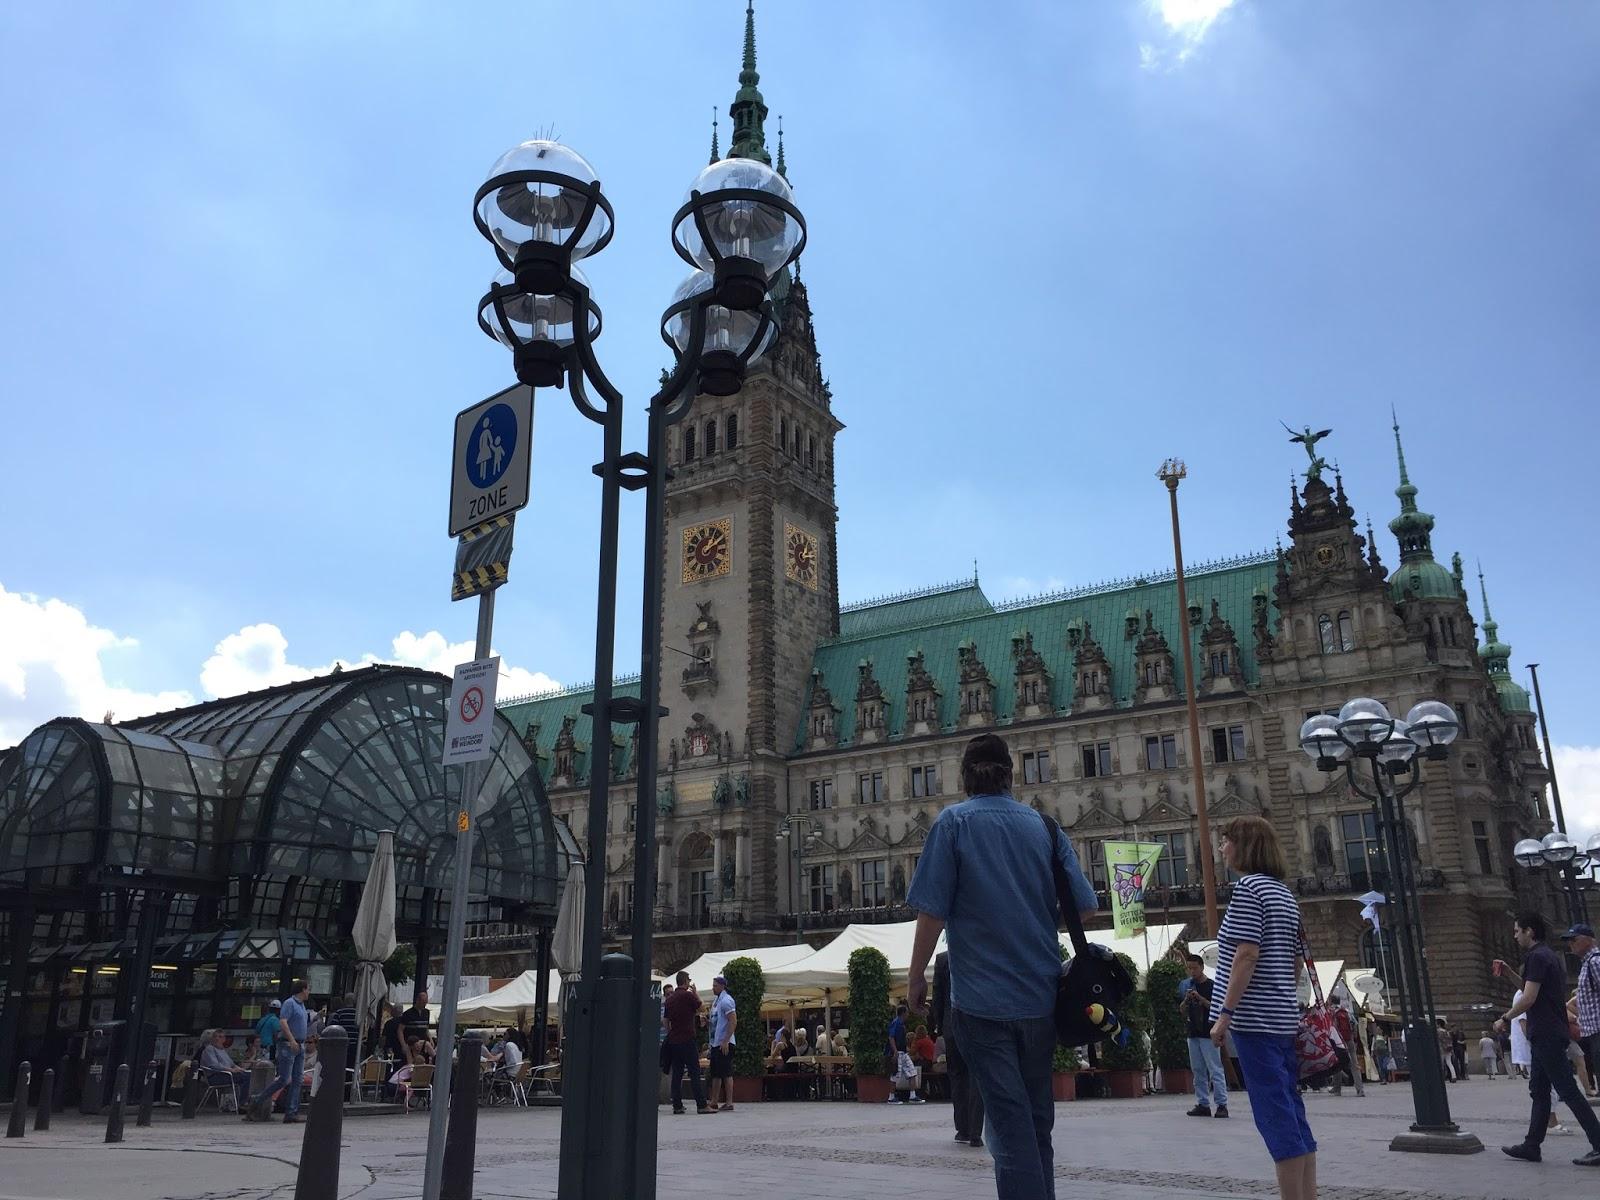 Rita的德國採購&旅遊日記: 德國遊記~~漢堡Hamburg Lake Alster 阿爾斯特湖及周邊景點